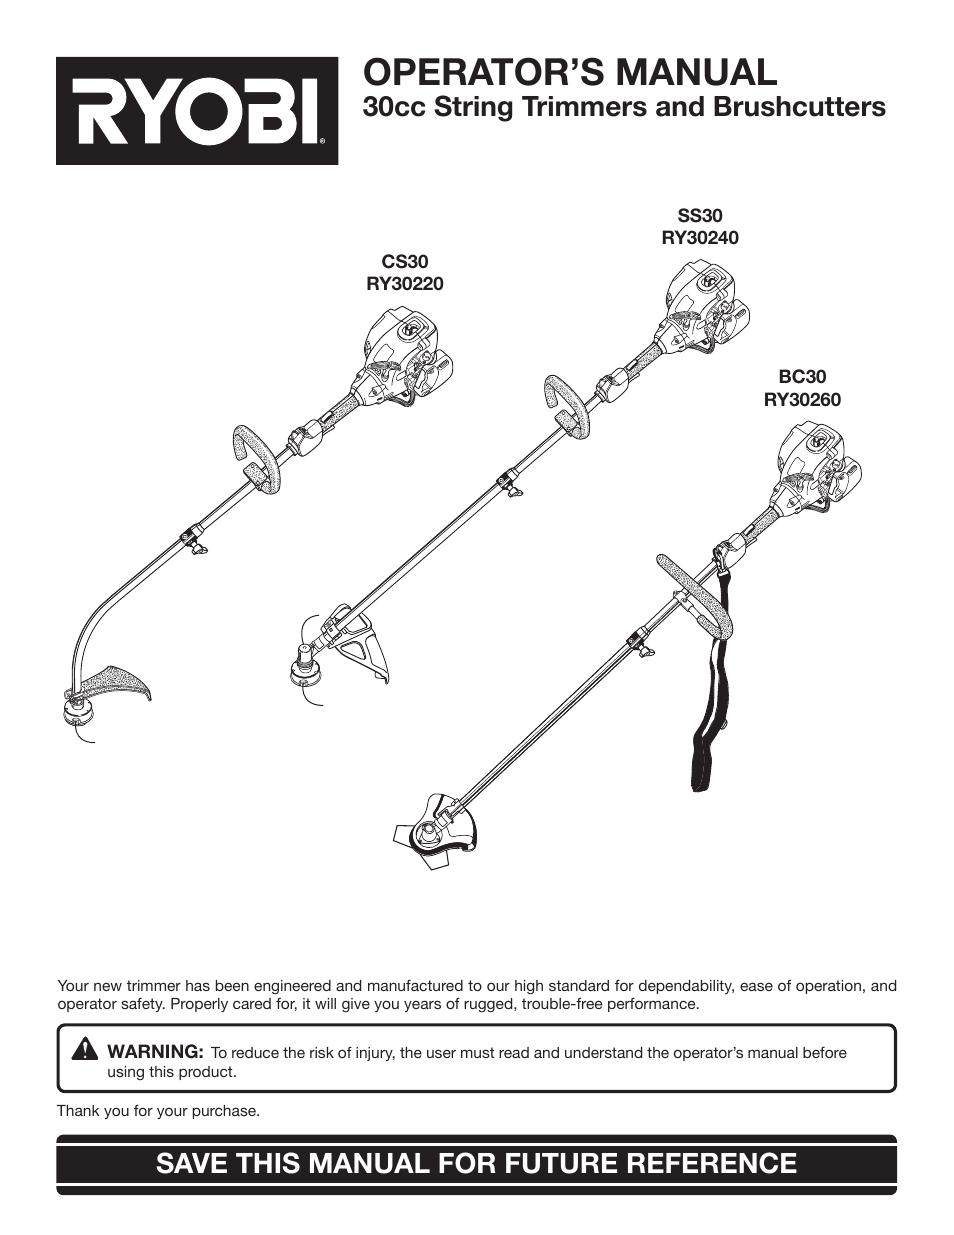 ryobi cs30 ry30220 user manual 26 pages also for bc30 ry30260 rh manualsdir com ryobi string trimmer manual p2035 ryobi string trimmer manual model p2003